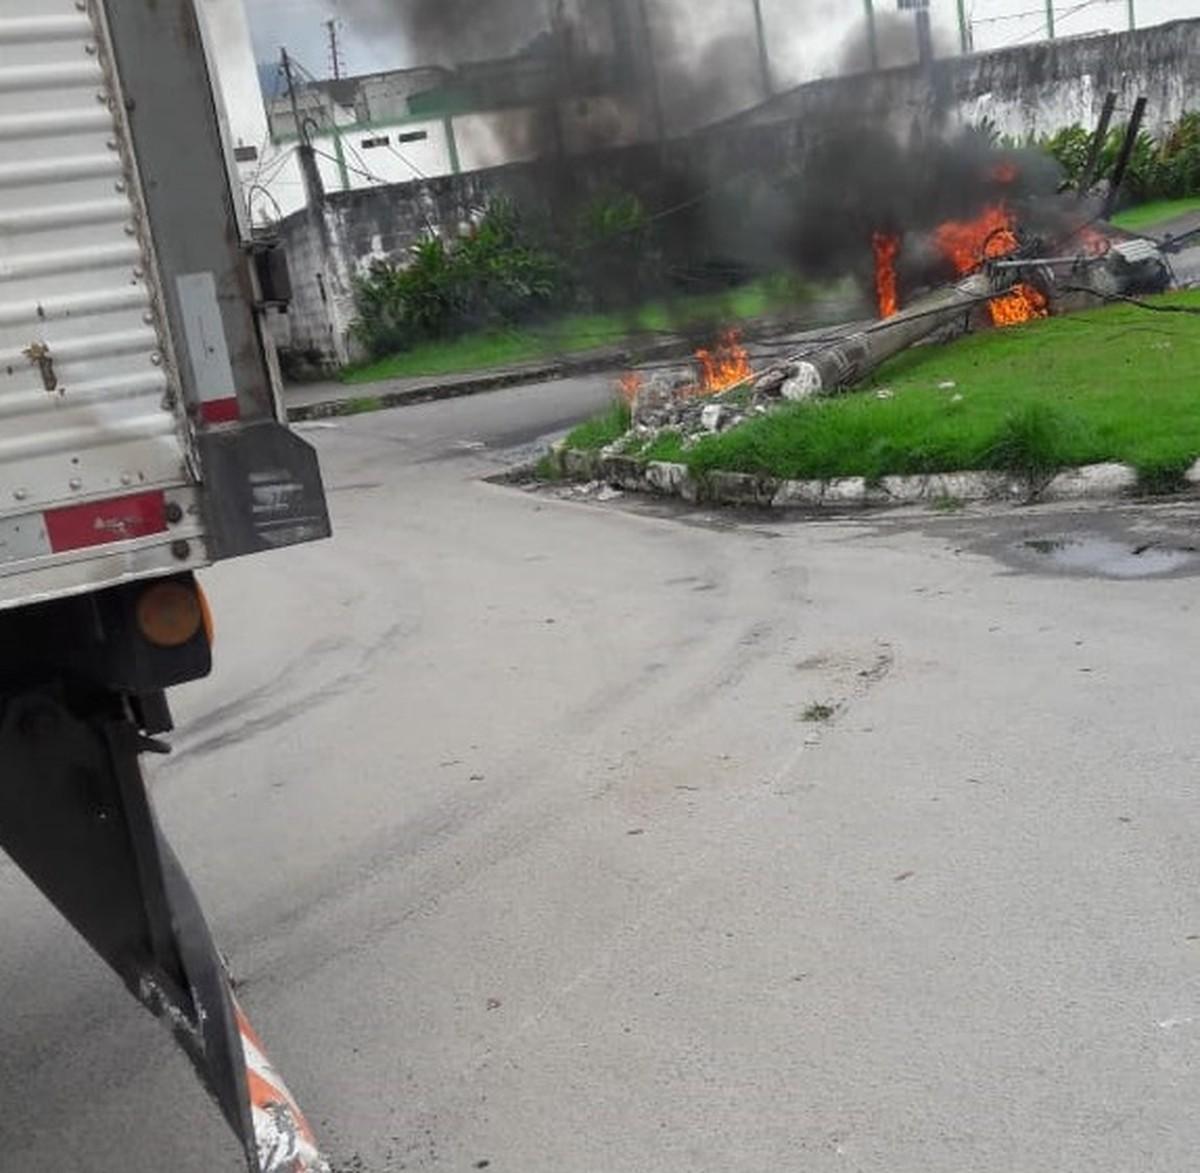 Caminhão bate em poste e fiação pega fogo em Angra dos Reis - G1